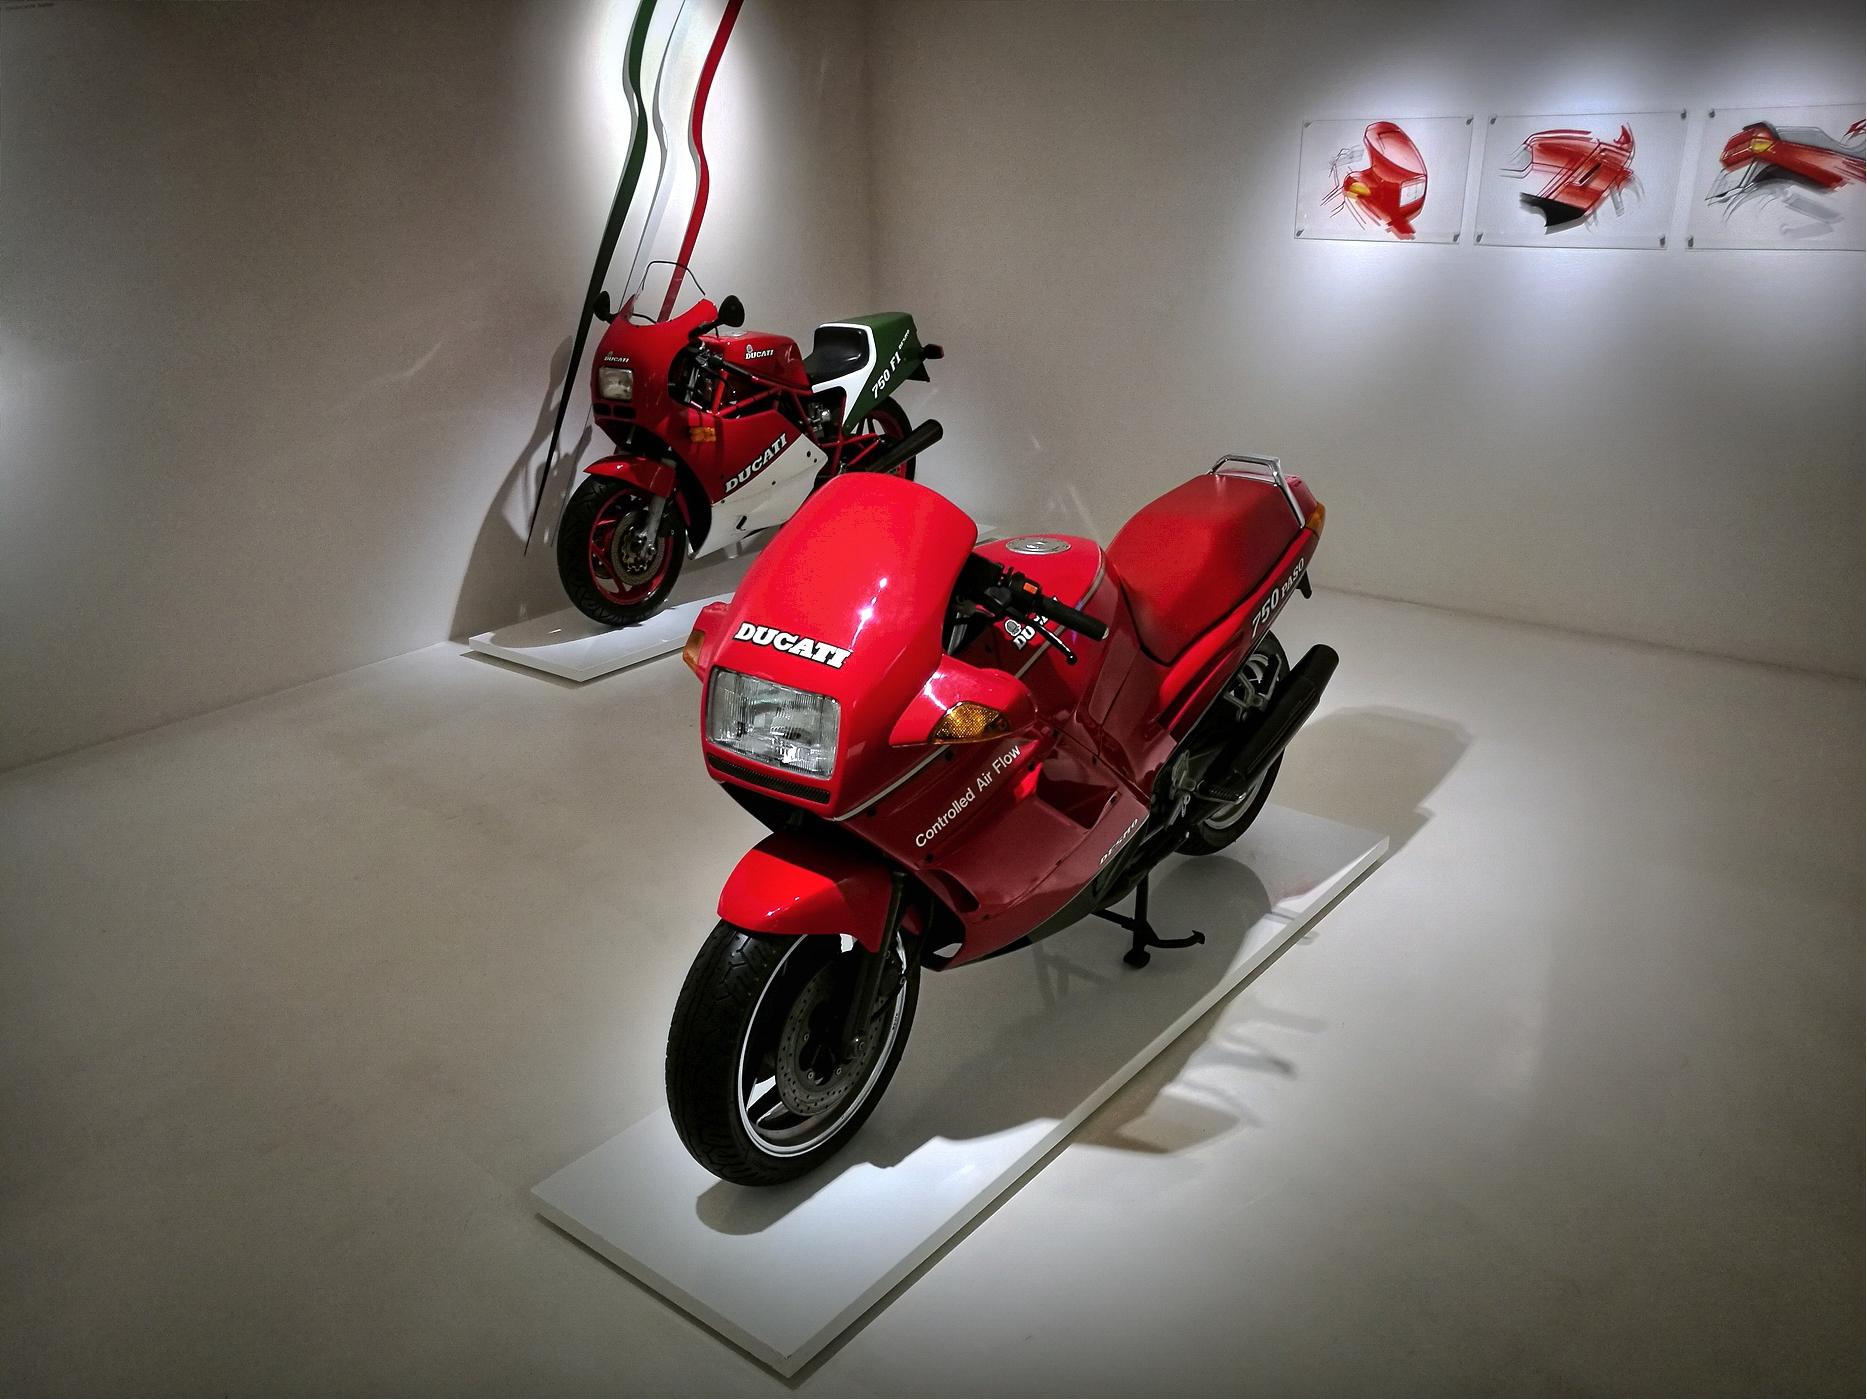 Ducati Desmo 750 Paso di bepi1969